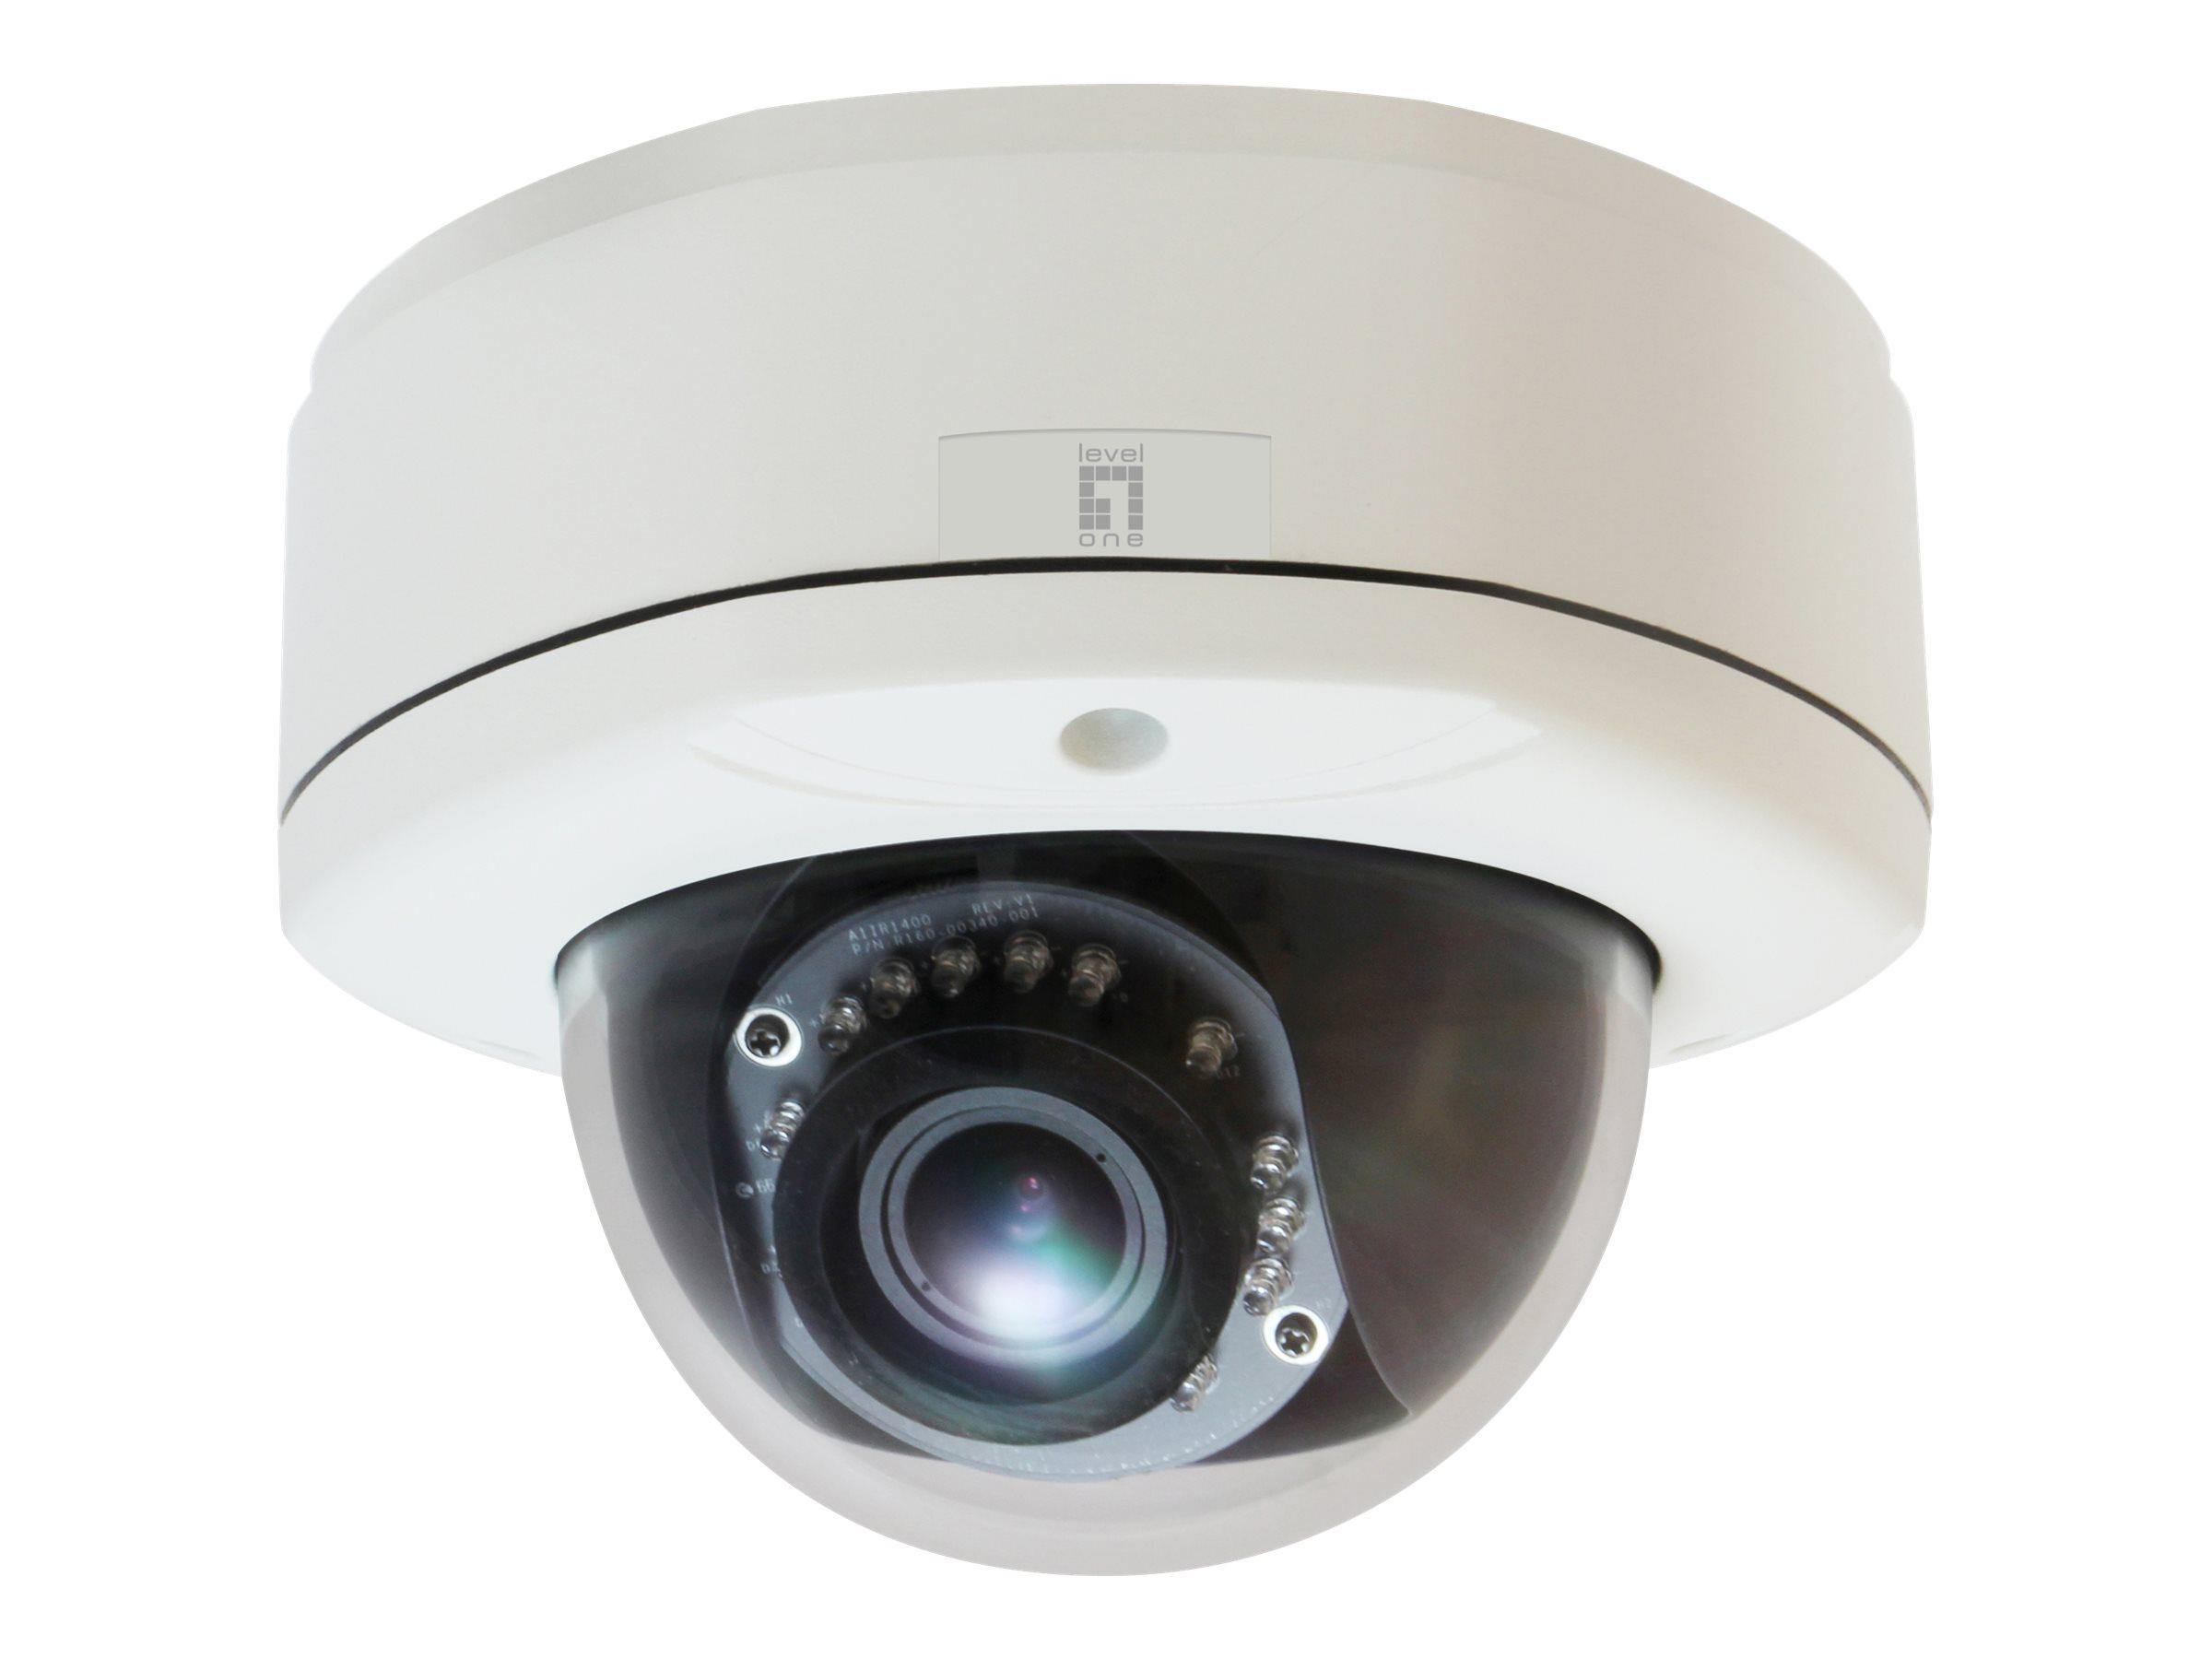 LevelOne FCS-3083 - network surveillance camera - dome